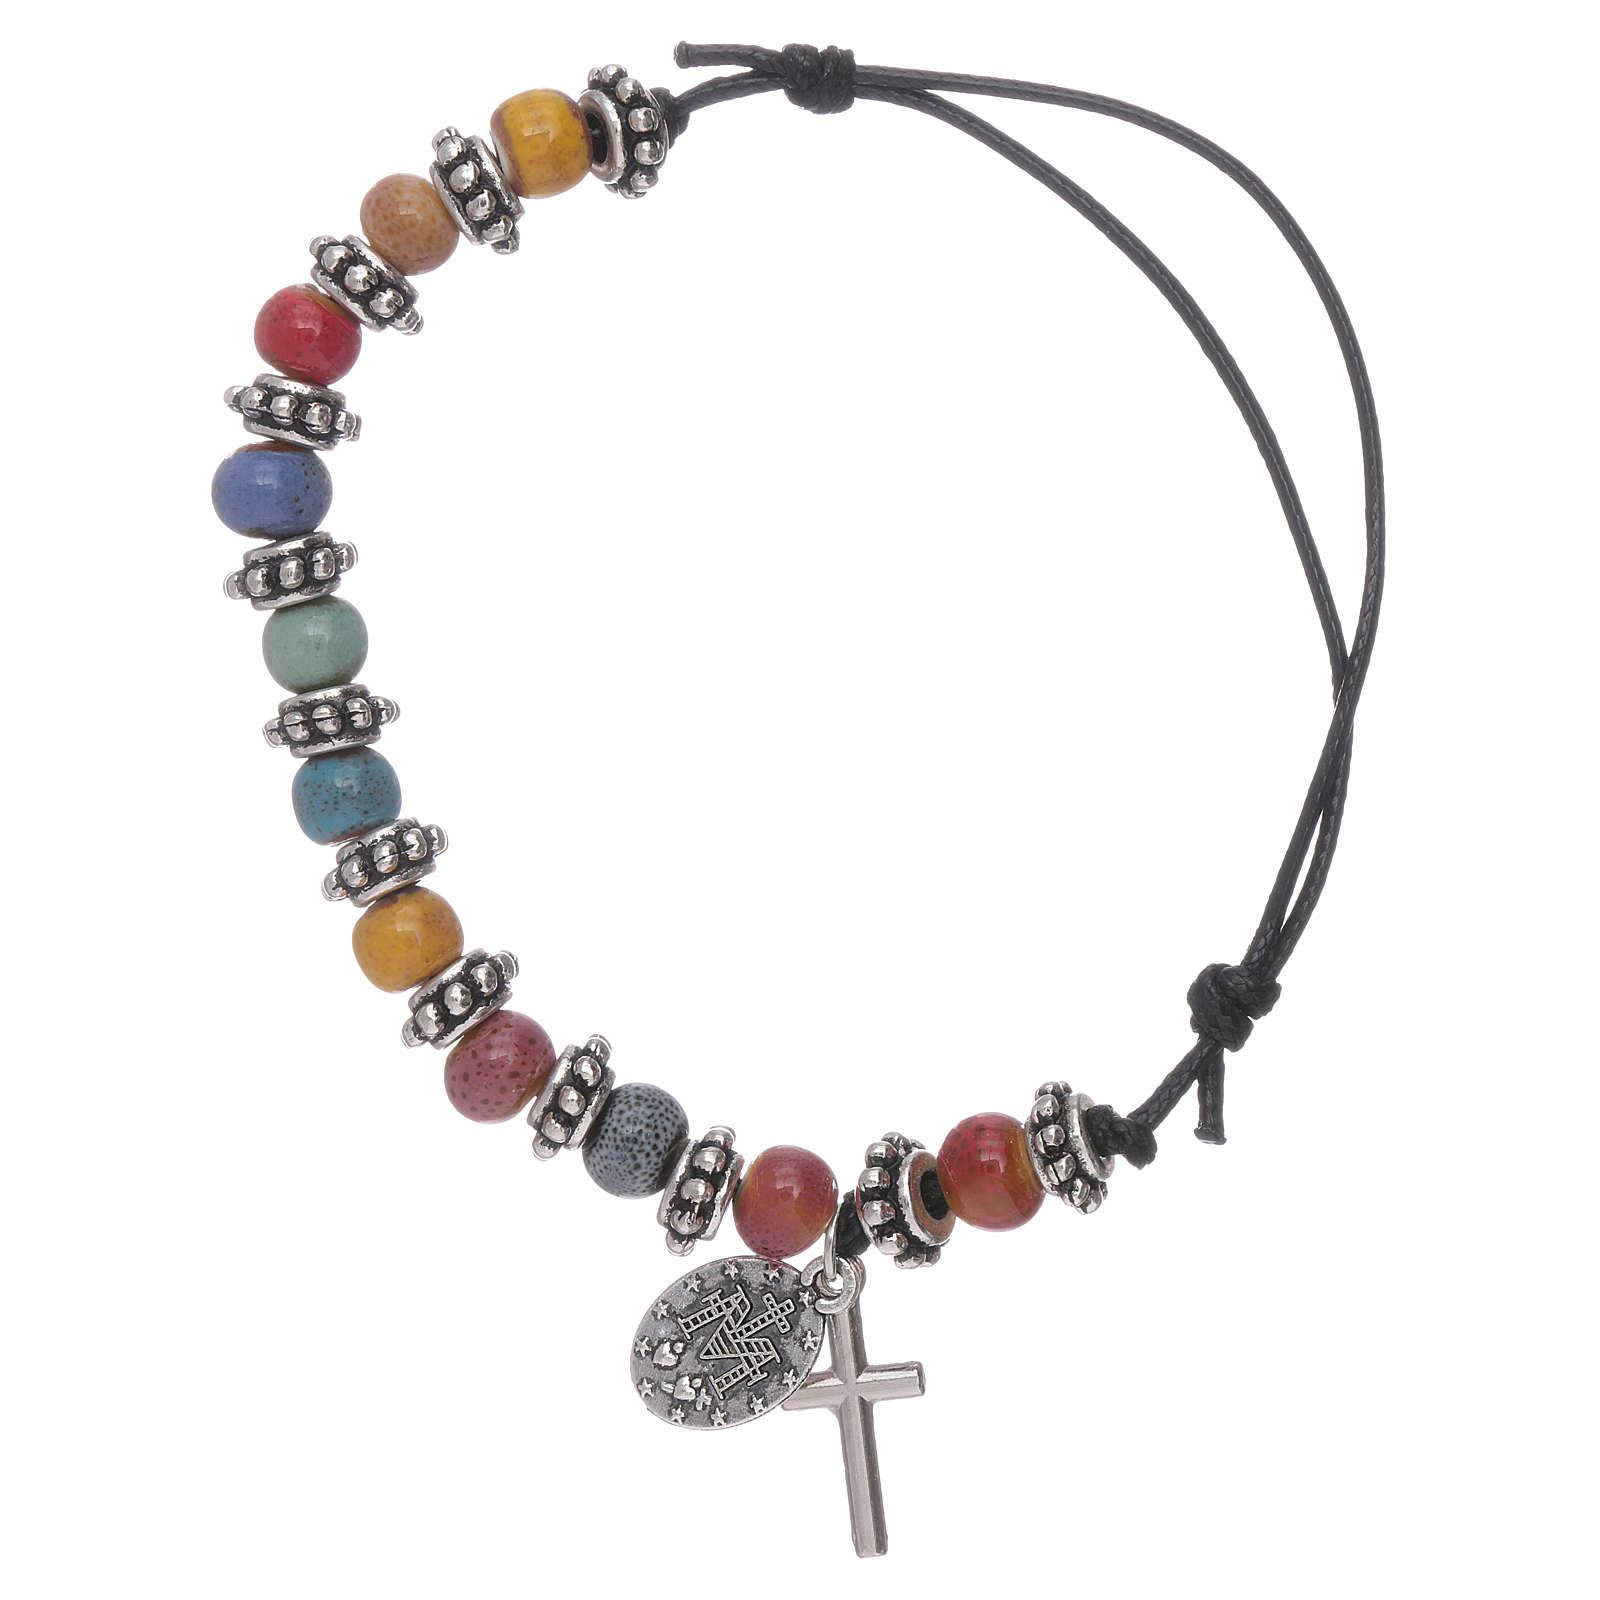 Pulsera granos vidrio multicolor 7x5mm y metal cuerda negra 4